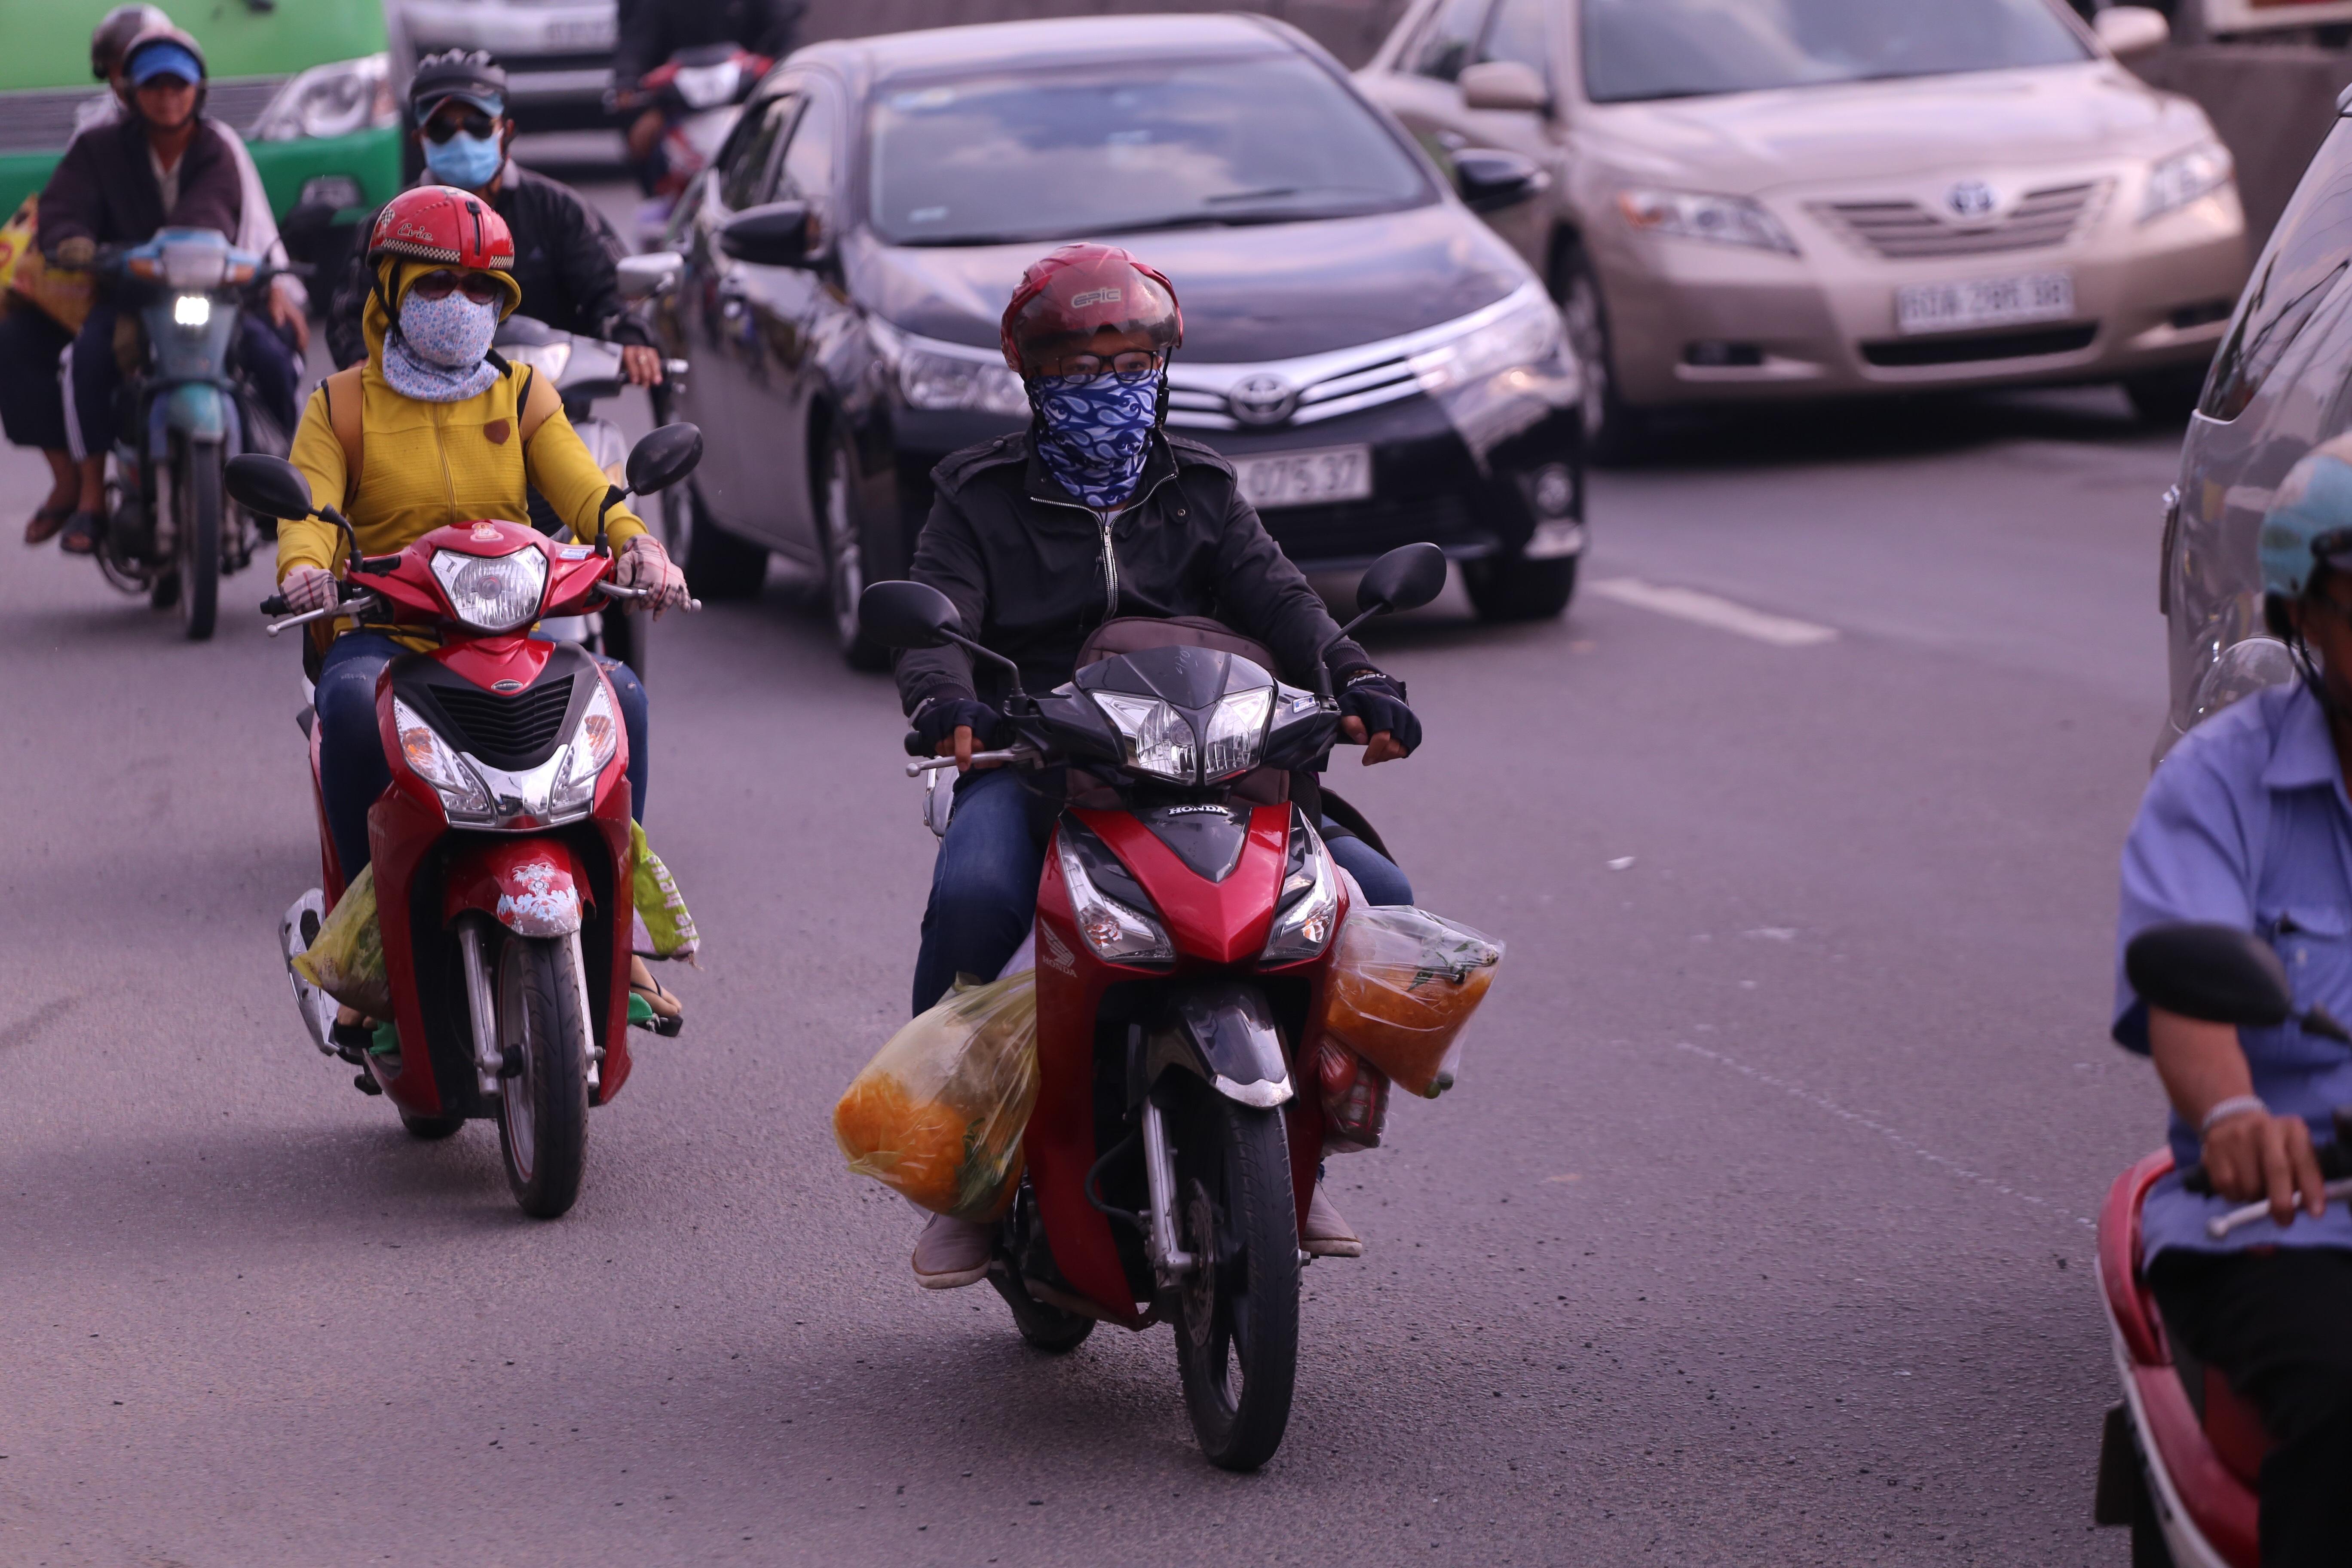 Kết thúc kỳ nghỉ lễ, người dân lỉnh kỉnh đồ đạc, mang theo trẻ nhỏ ùn ùn trở lại Hà Nội và Sài Gòn - Ảnh 23.